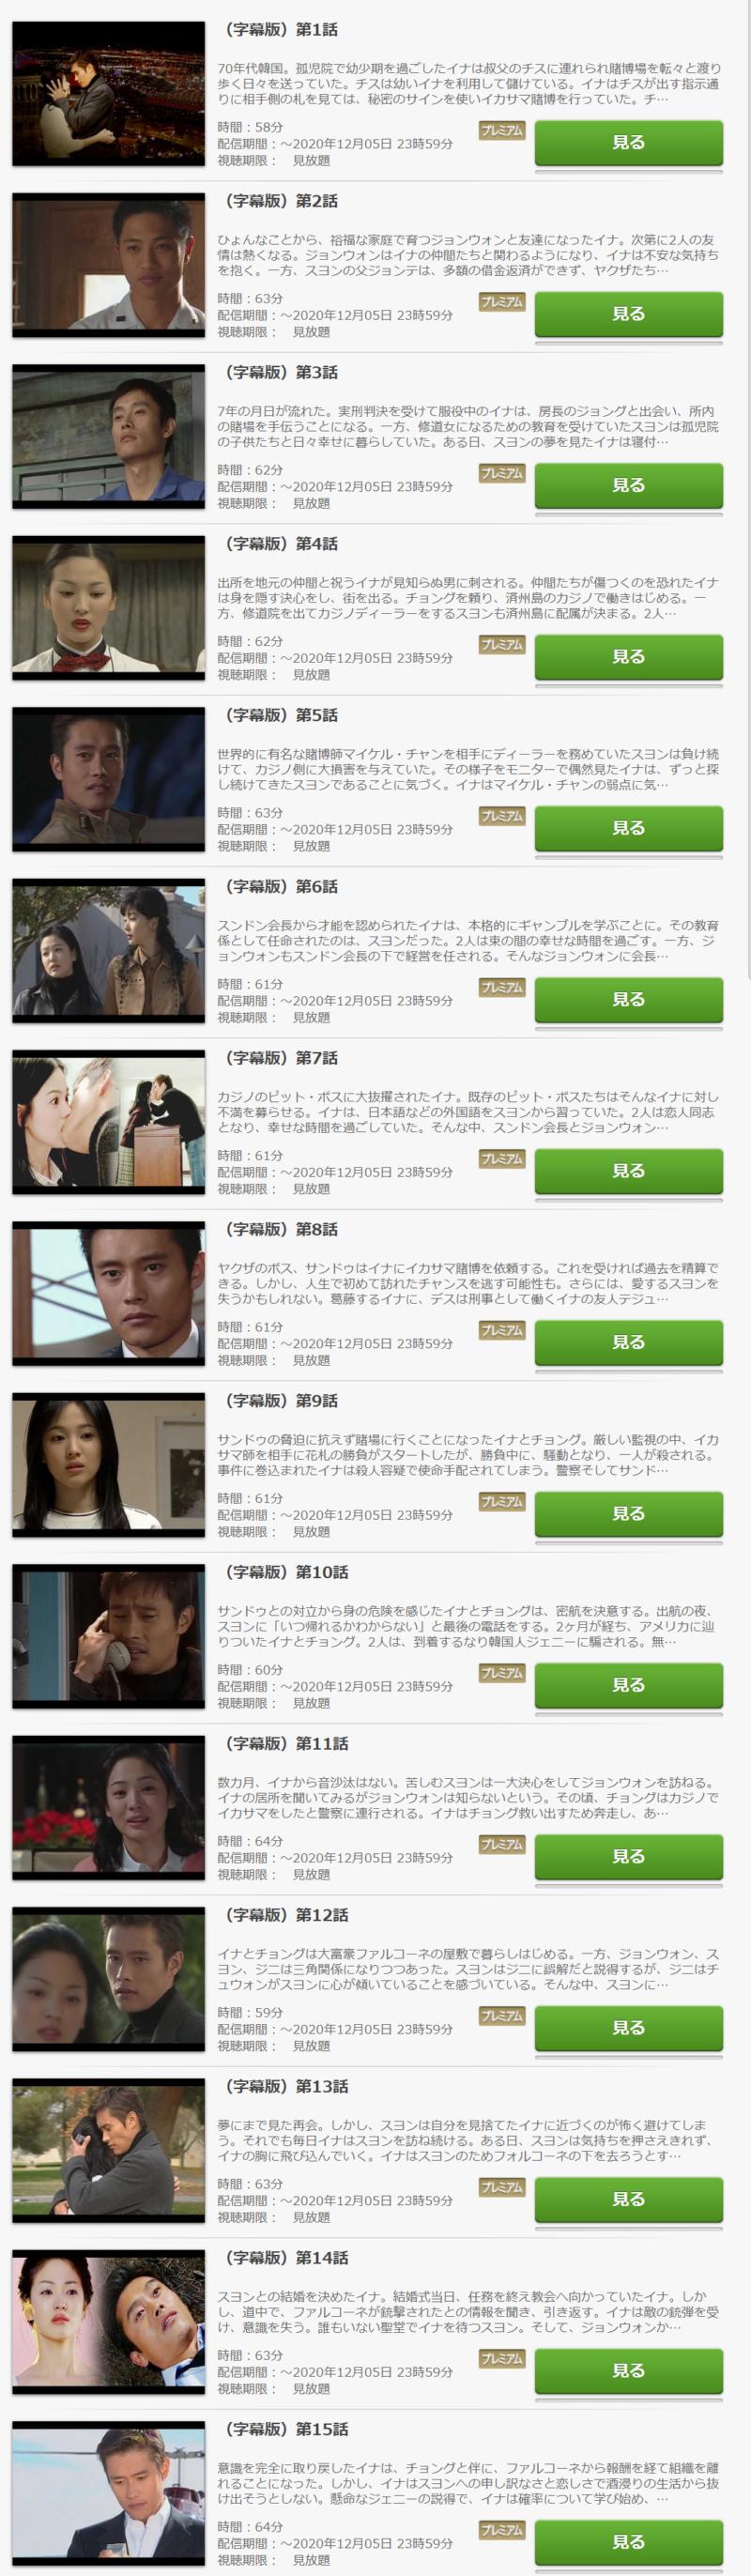 オールイン(韓国ドラマ)の動画無料視聴方法